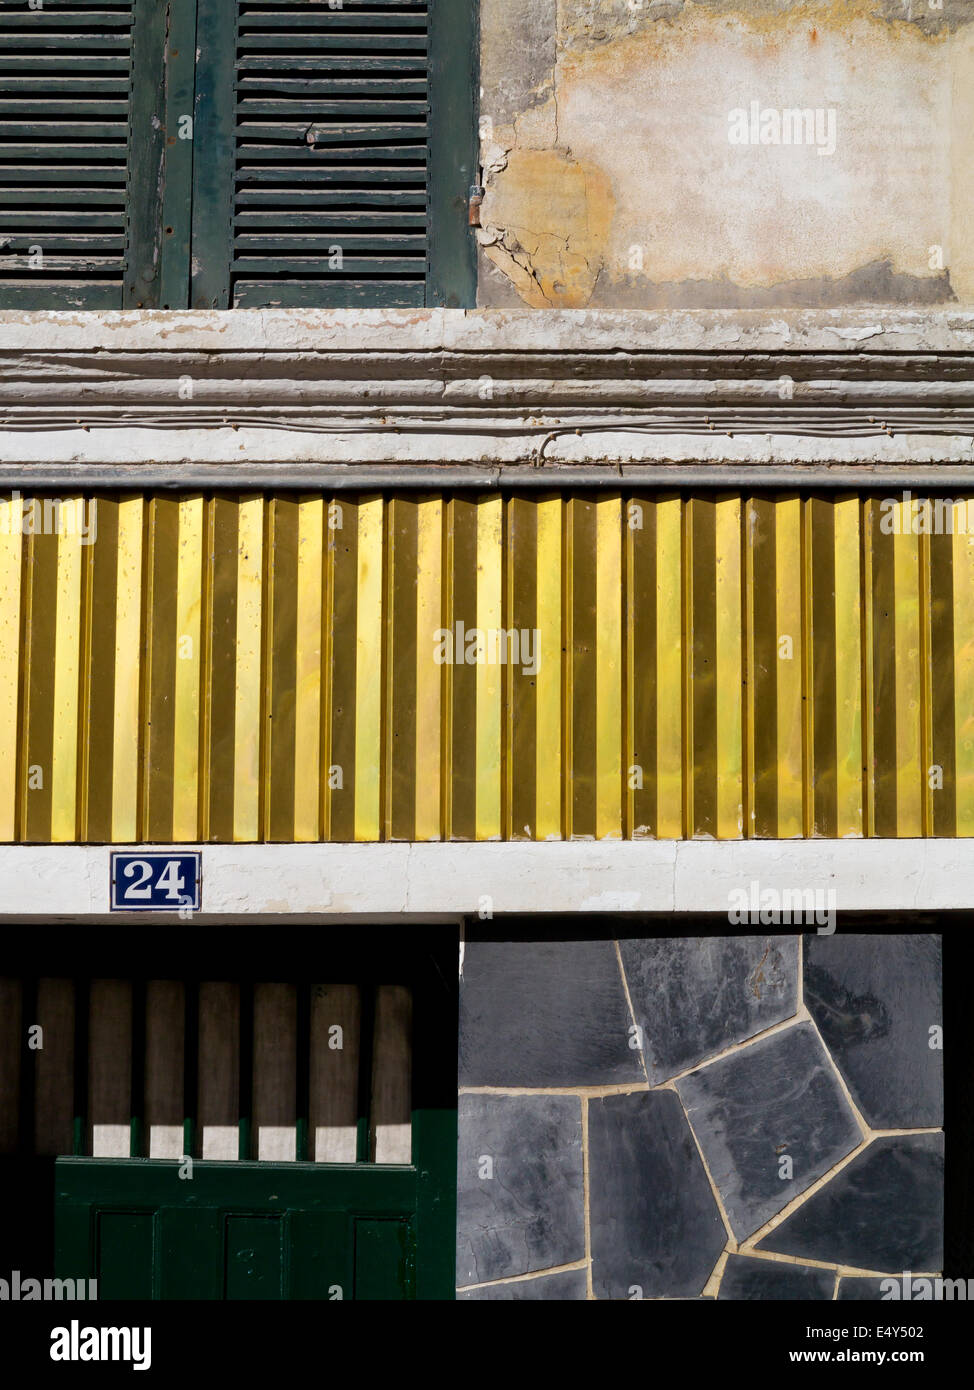 Visión abstracta de una casa con puertas y contraventanas de Pons el suroeste de Francia, con diferentes texturas Imagen De Stock